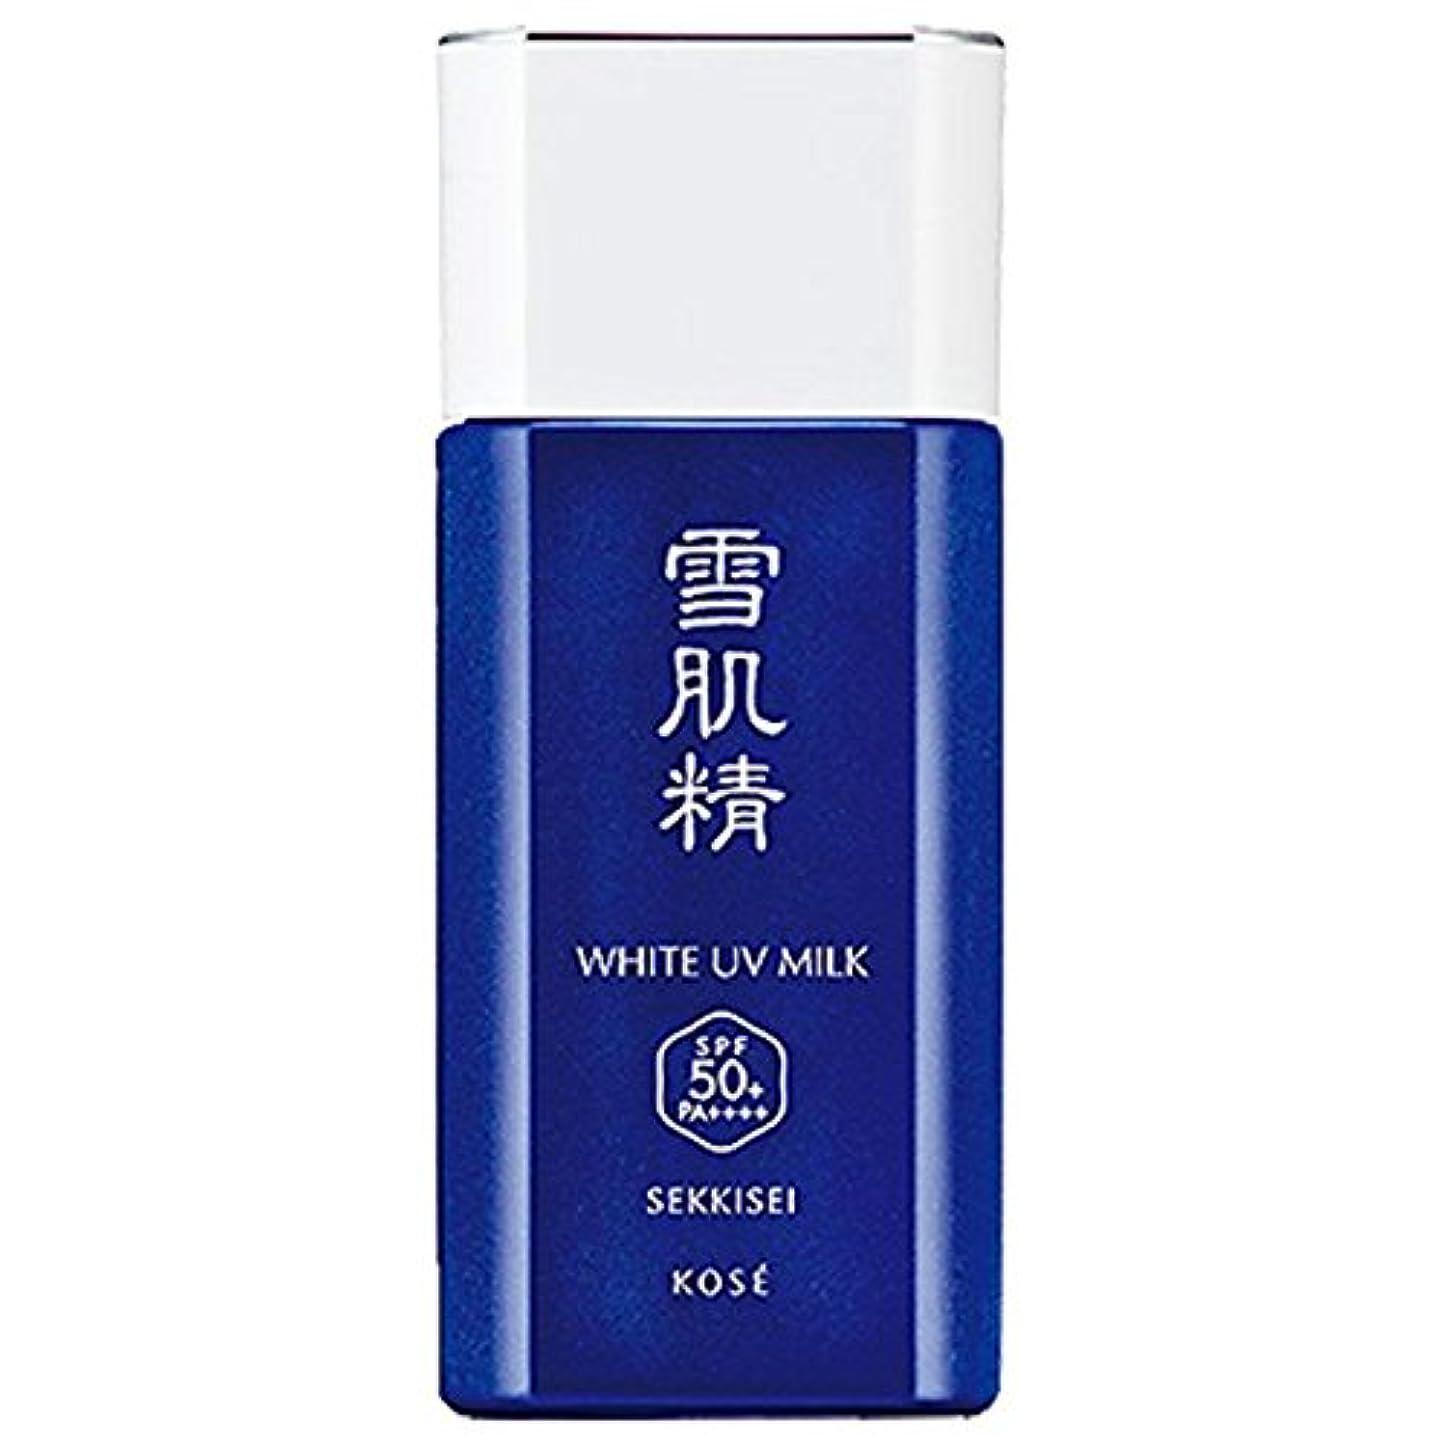 雪の人柄デッキコーセー 雪肌精 ホワイト UV ミルク SPF50+/PA++++ 60g